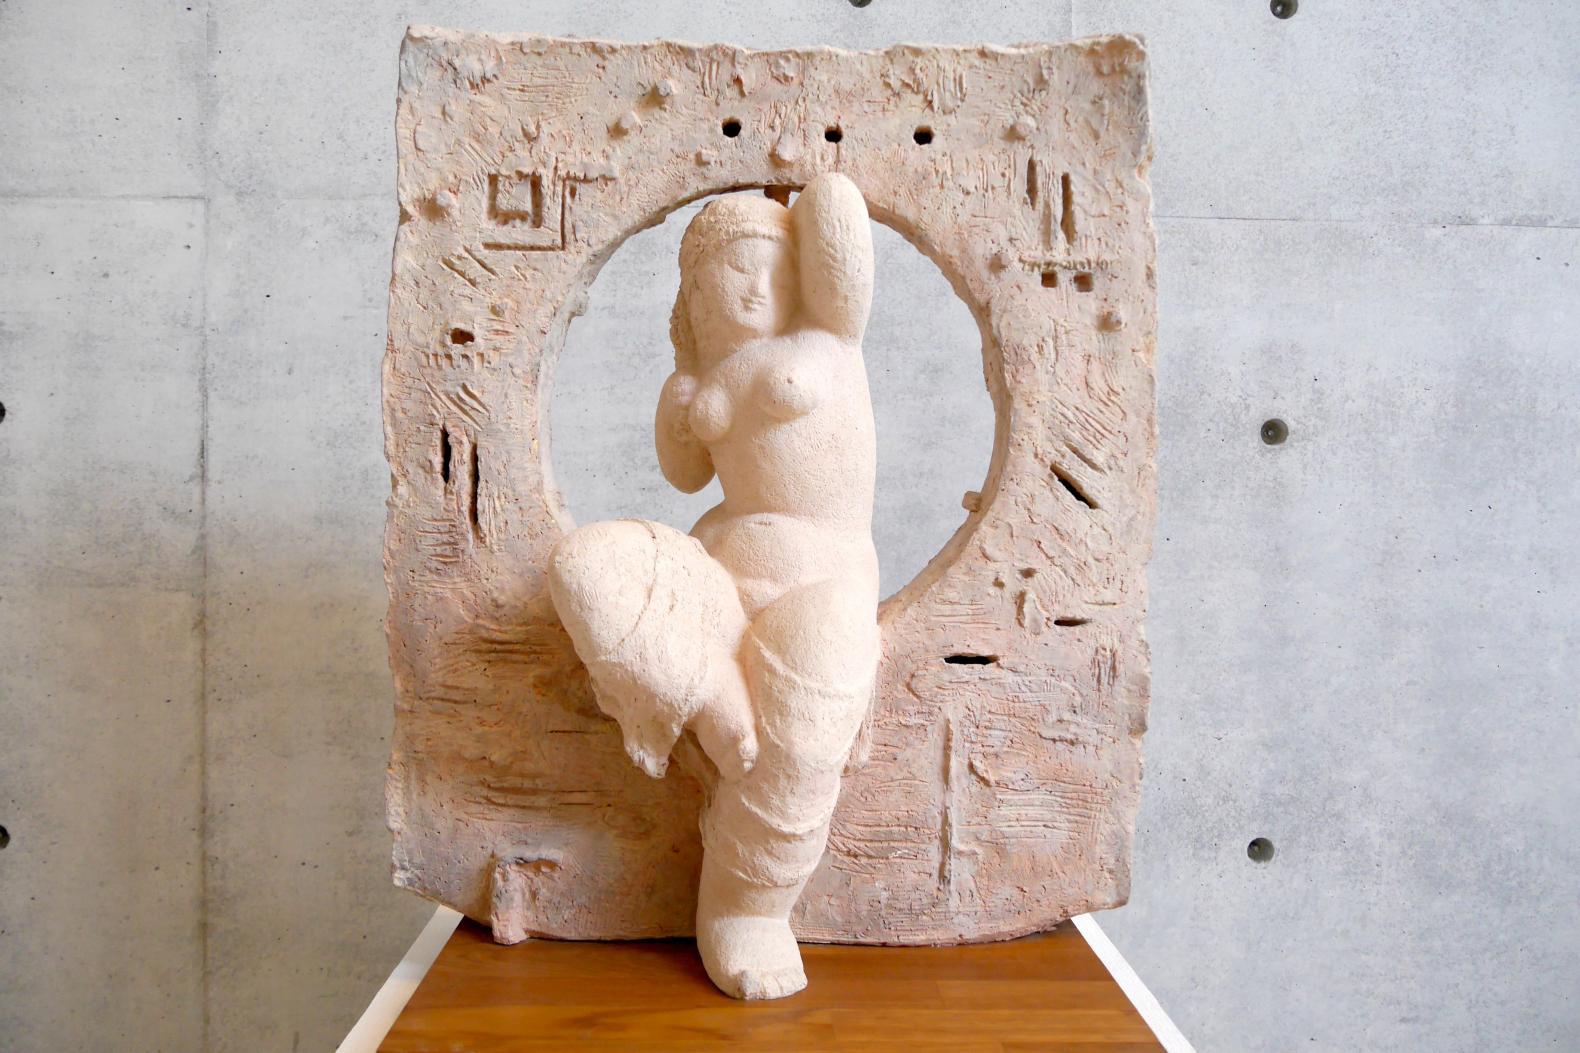 壱岐出身の彫刻家による作品を展示-2